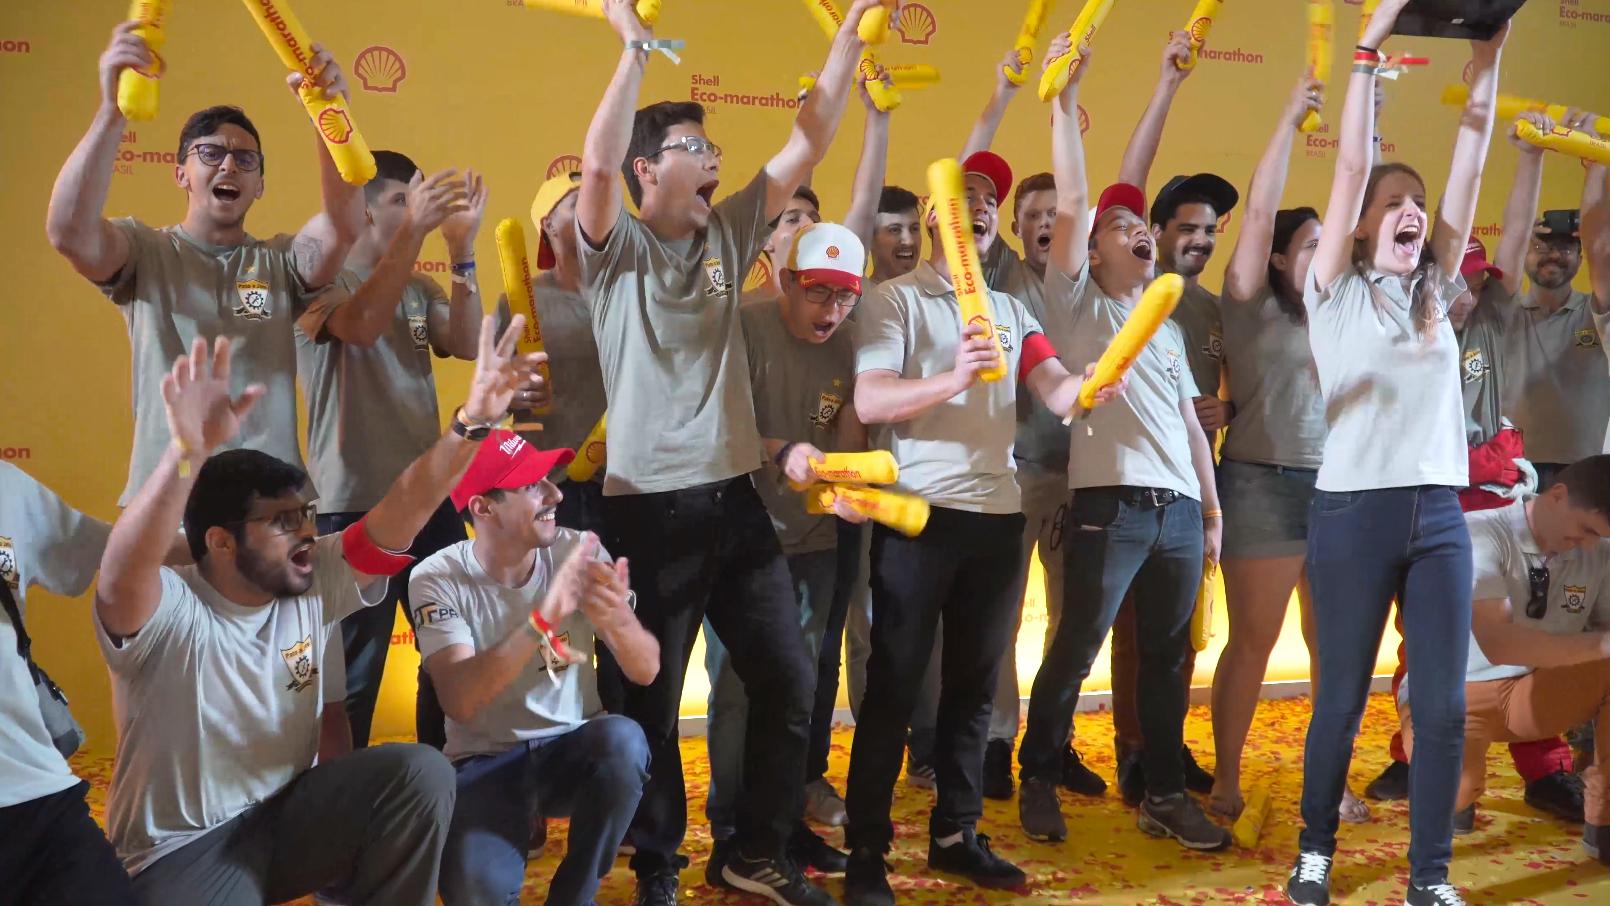 Tem Na Web - Descubra quem foram os grandes vencedores da Shell Eco-marathon 2018